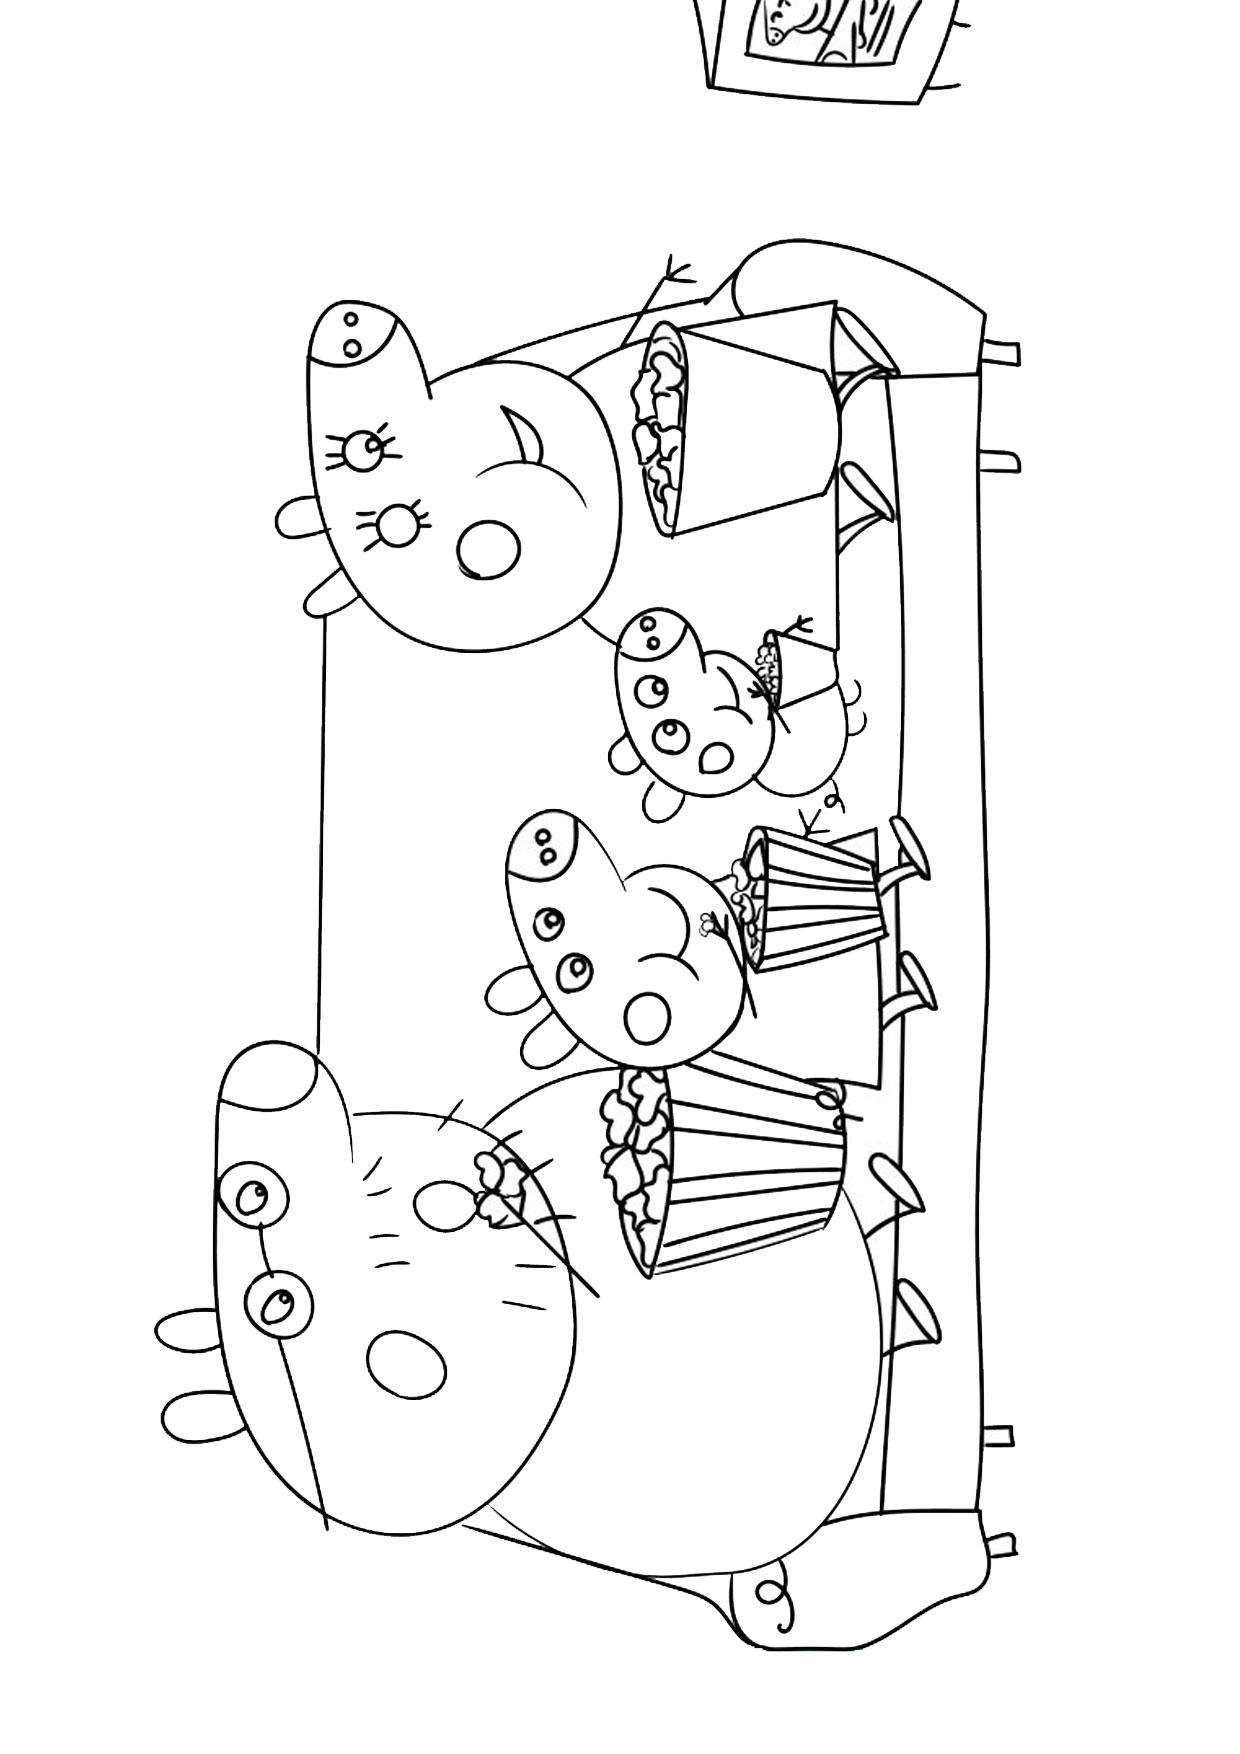 Disegno Peppa Pig da colorare 27